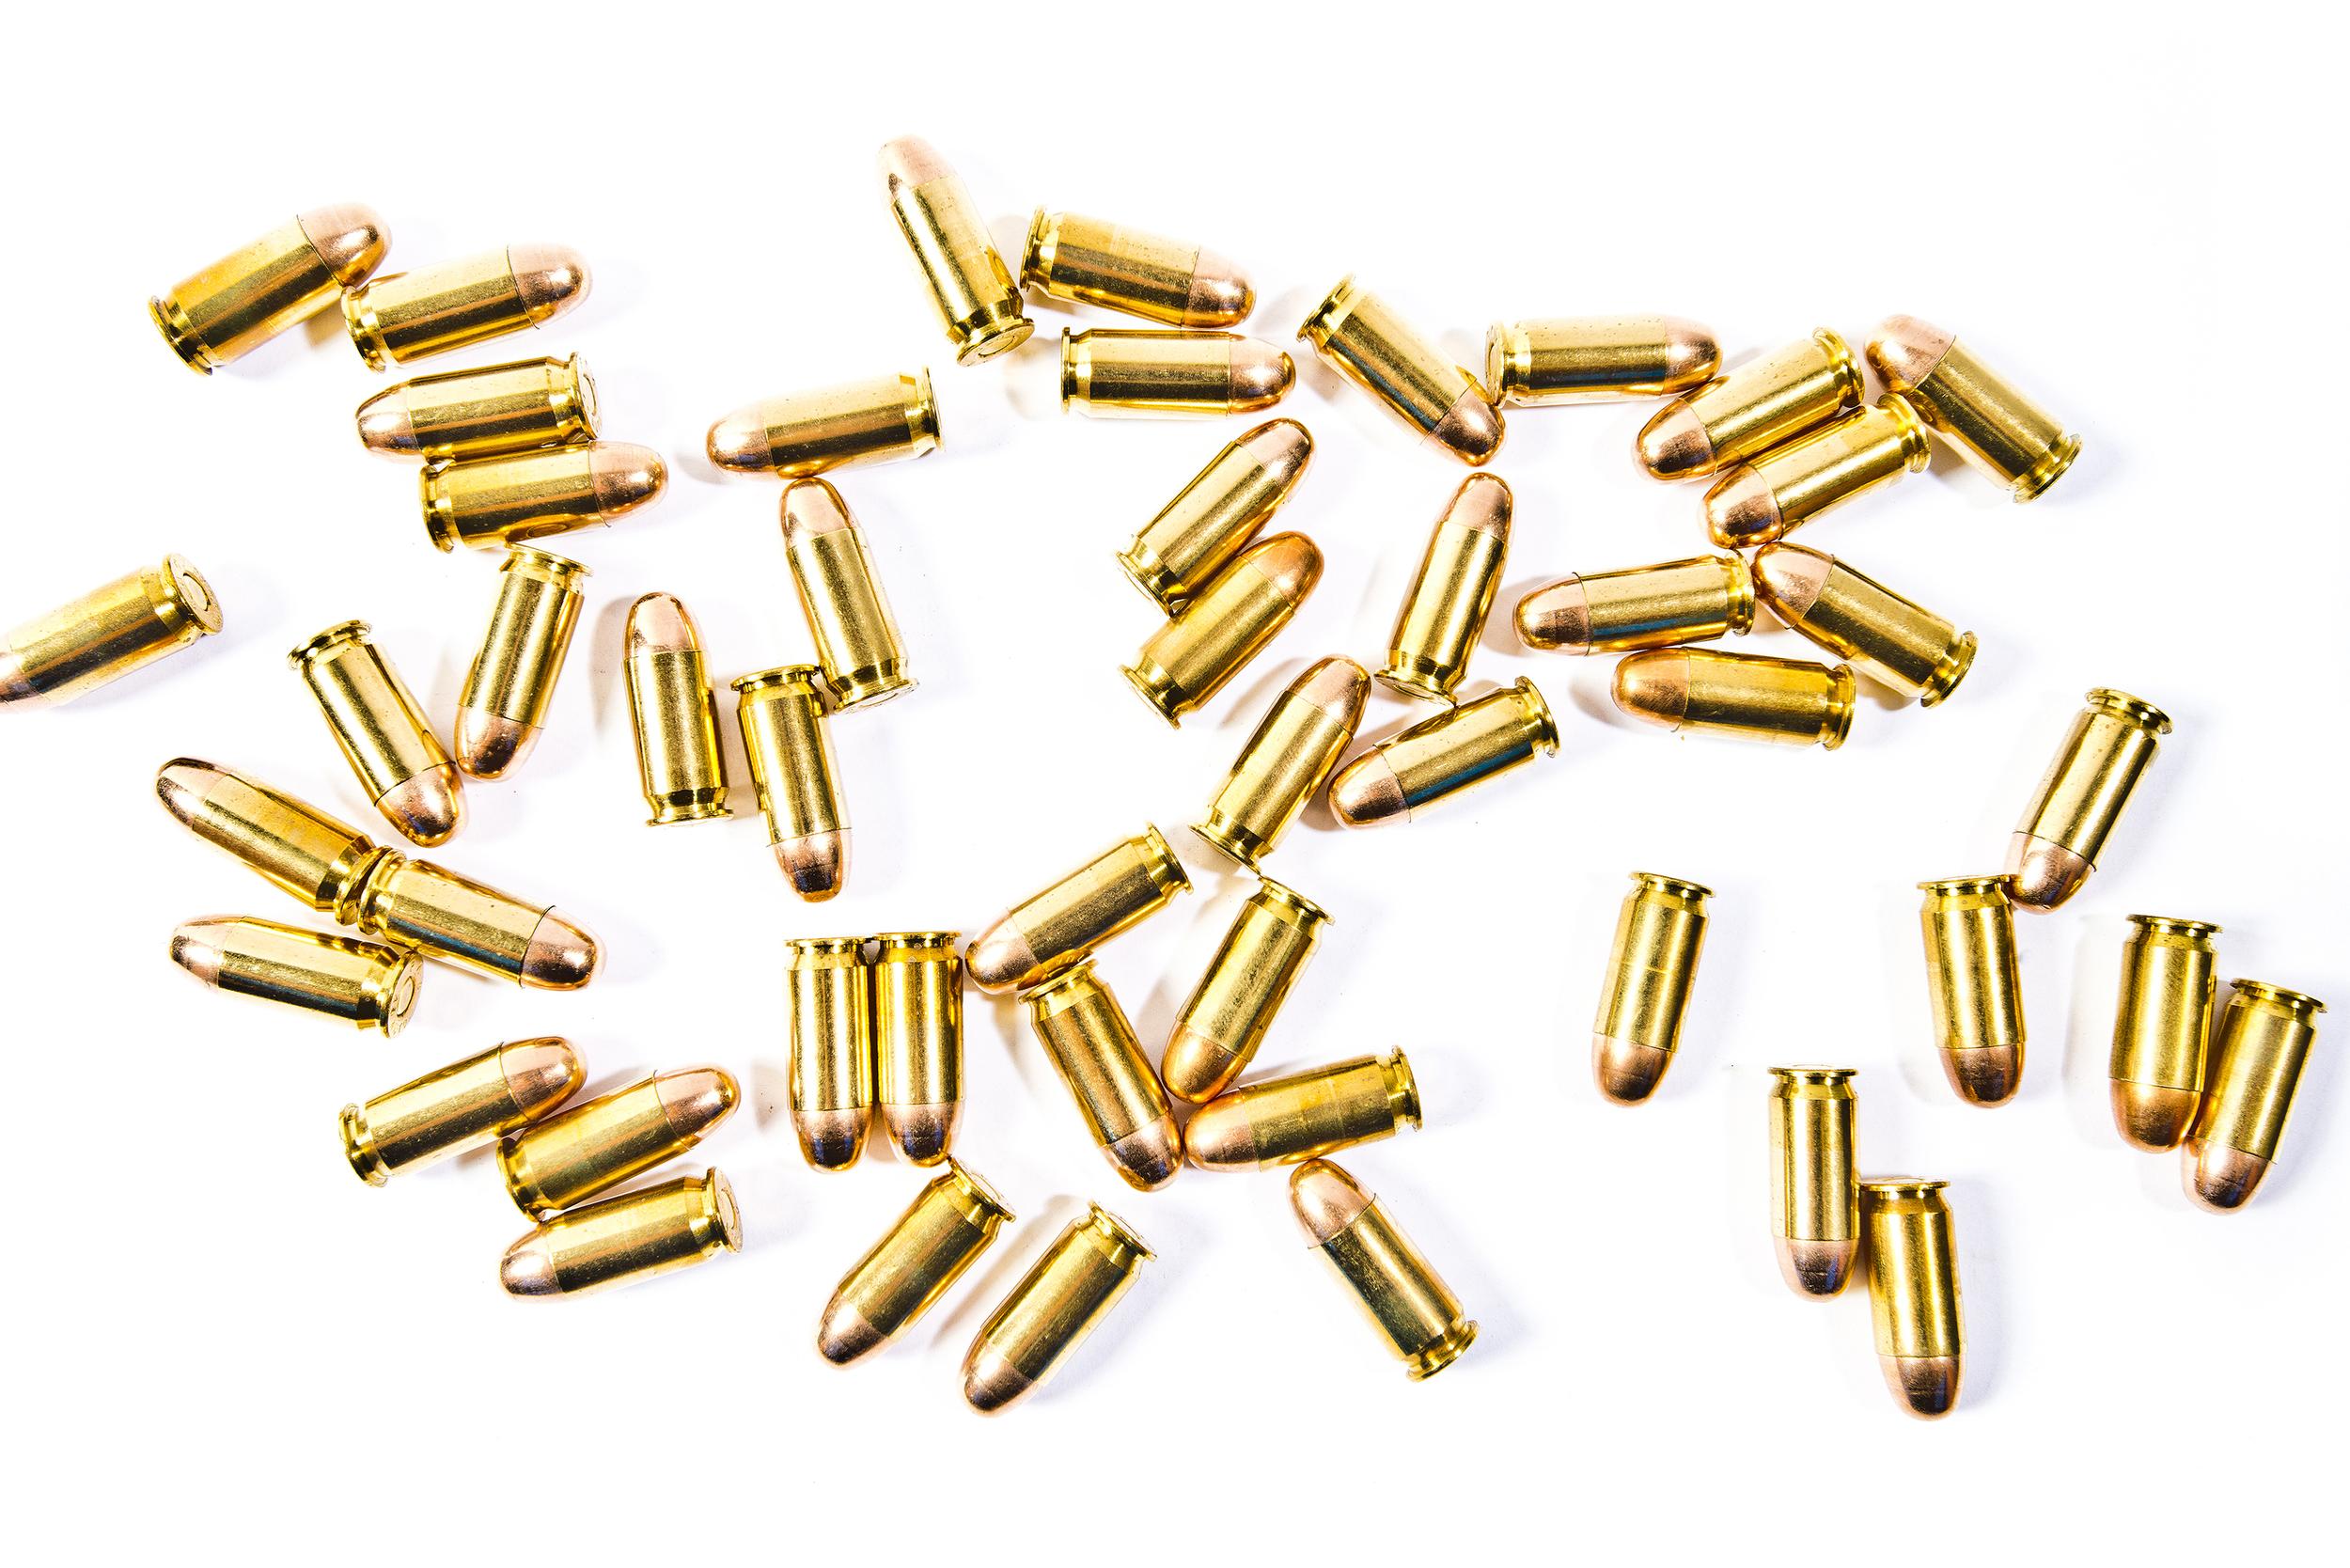 Bullets-1384-2.jpg